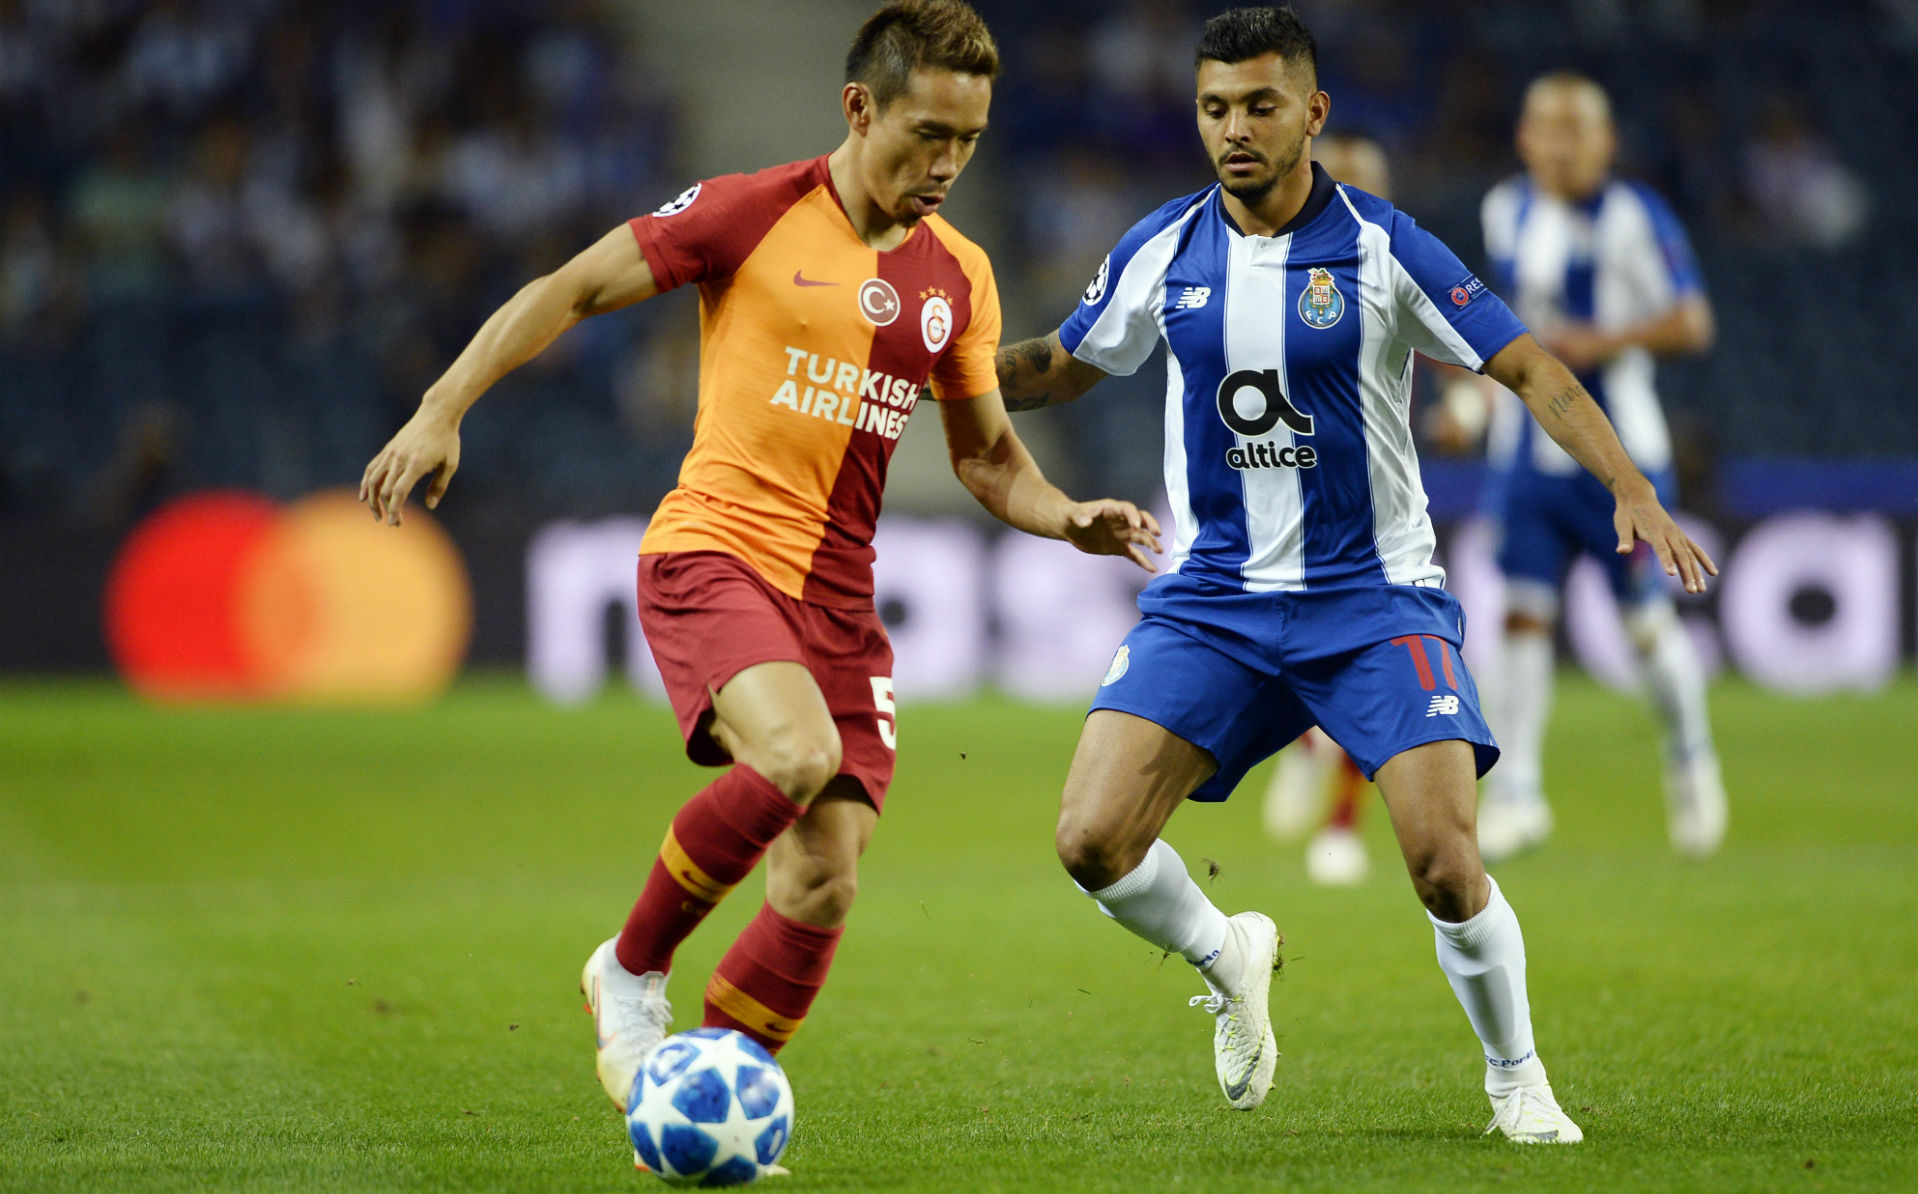 Galatasaray Gegen Fenerbahçe